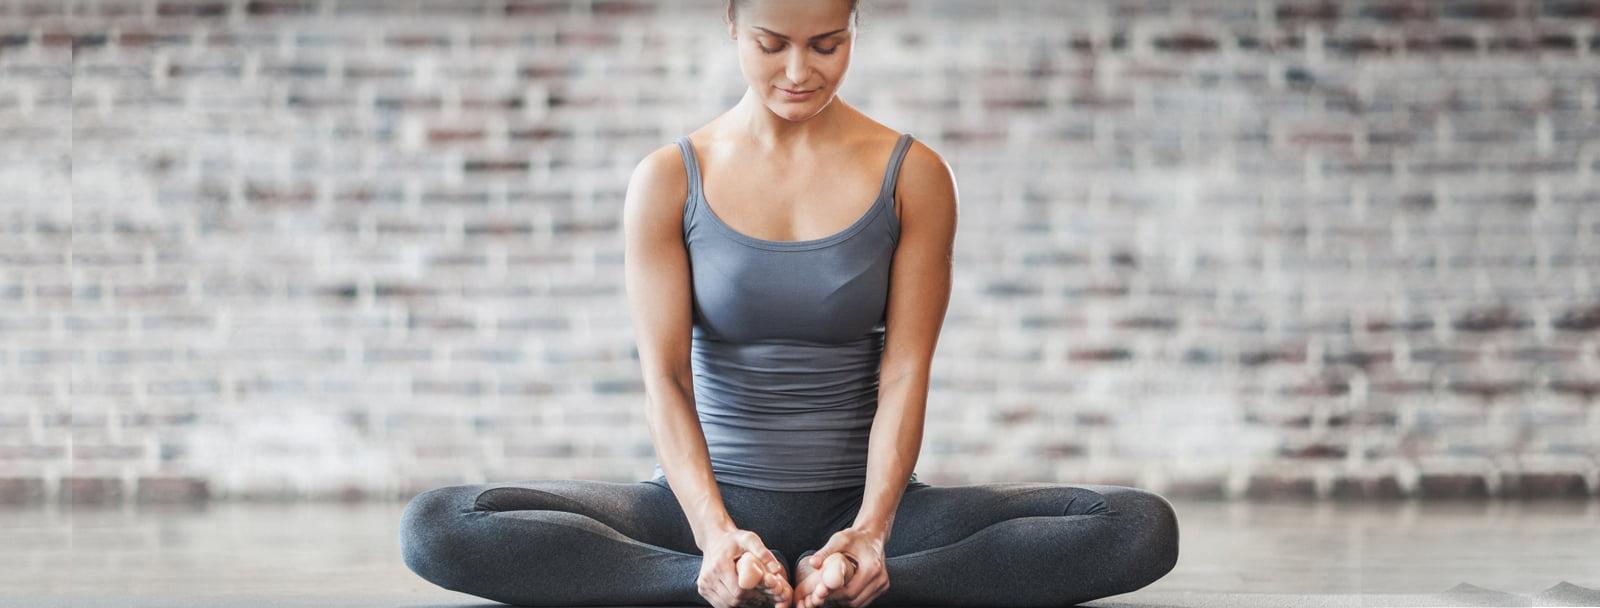 yoga-shad